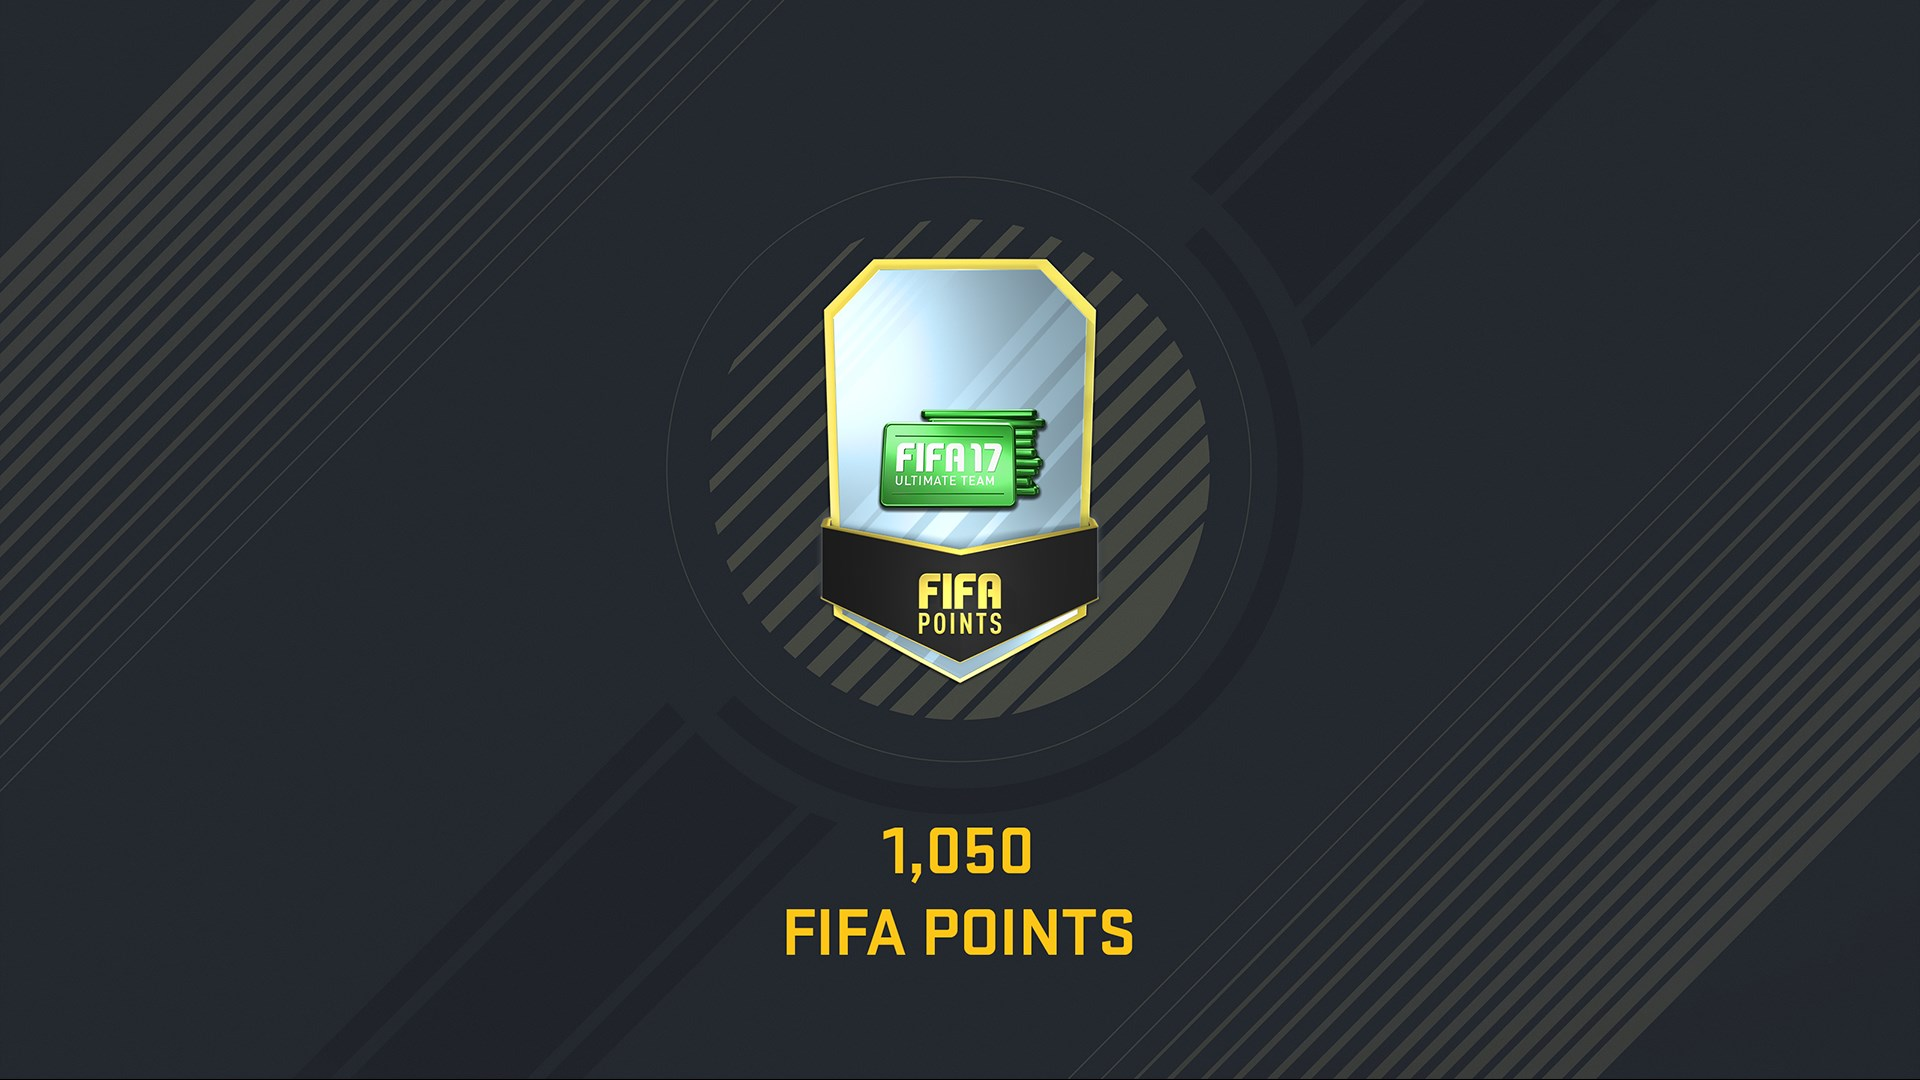 Pack de 1050 FIFA 17 Points